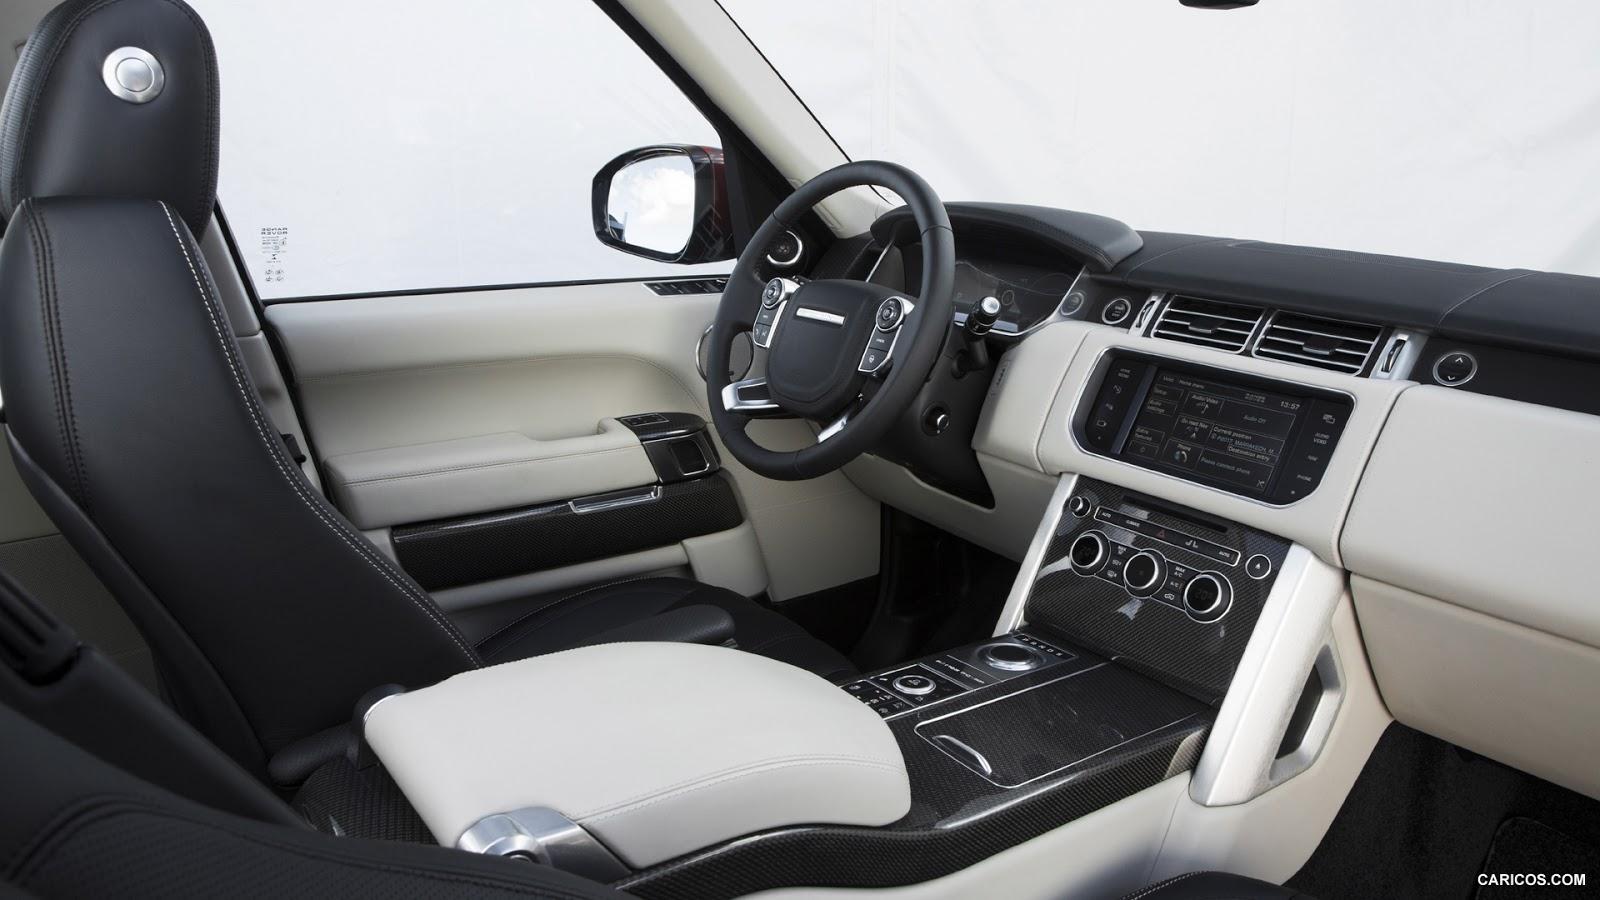 Range Rover X on Land Rover Lrx Concept Interior